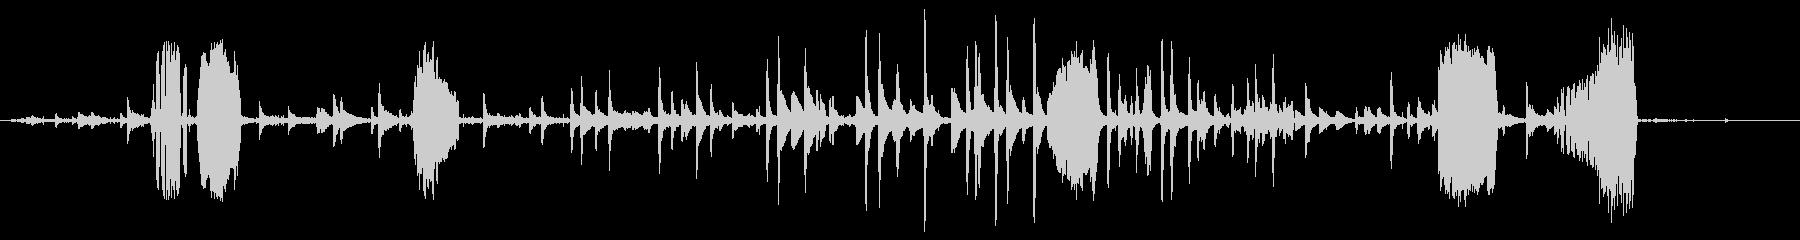 ヤギ、カウベルの群れの未再生の波形